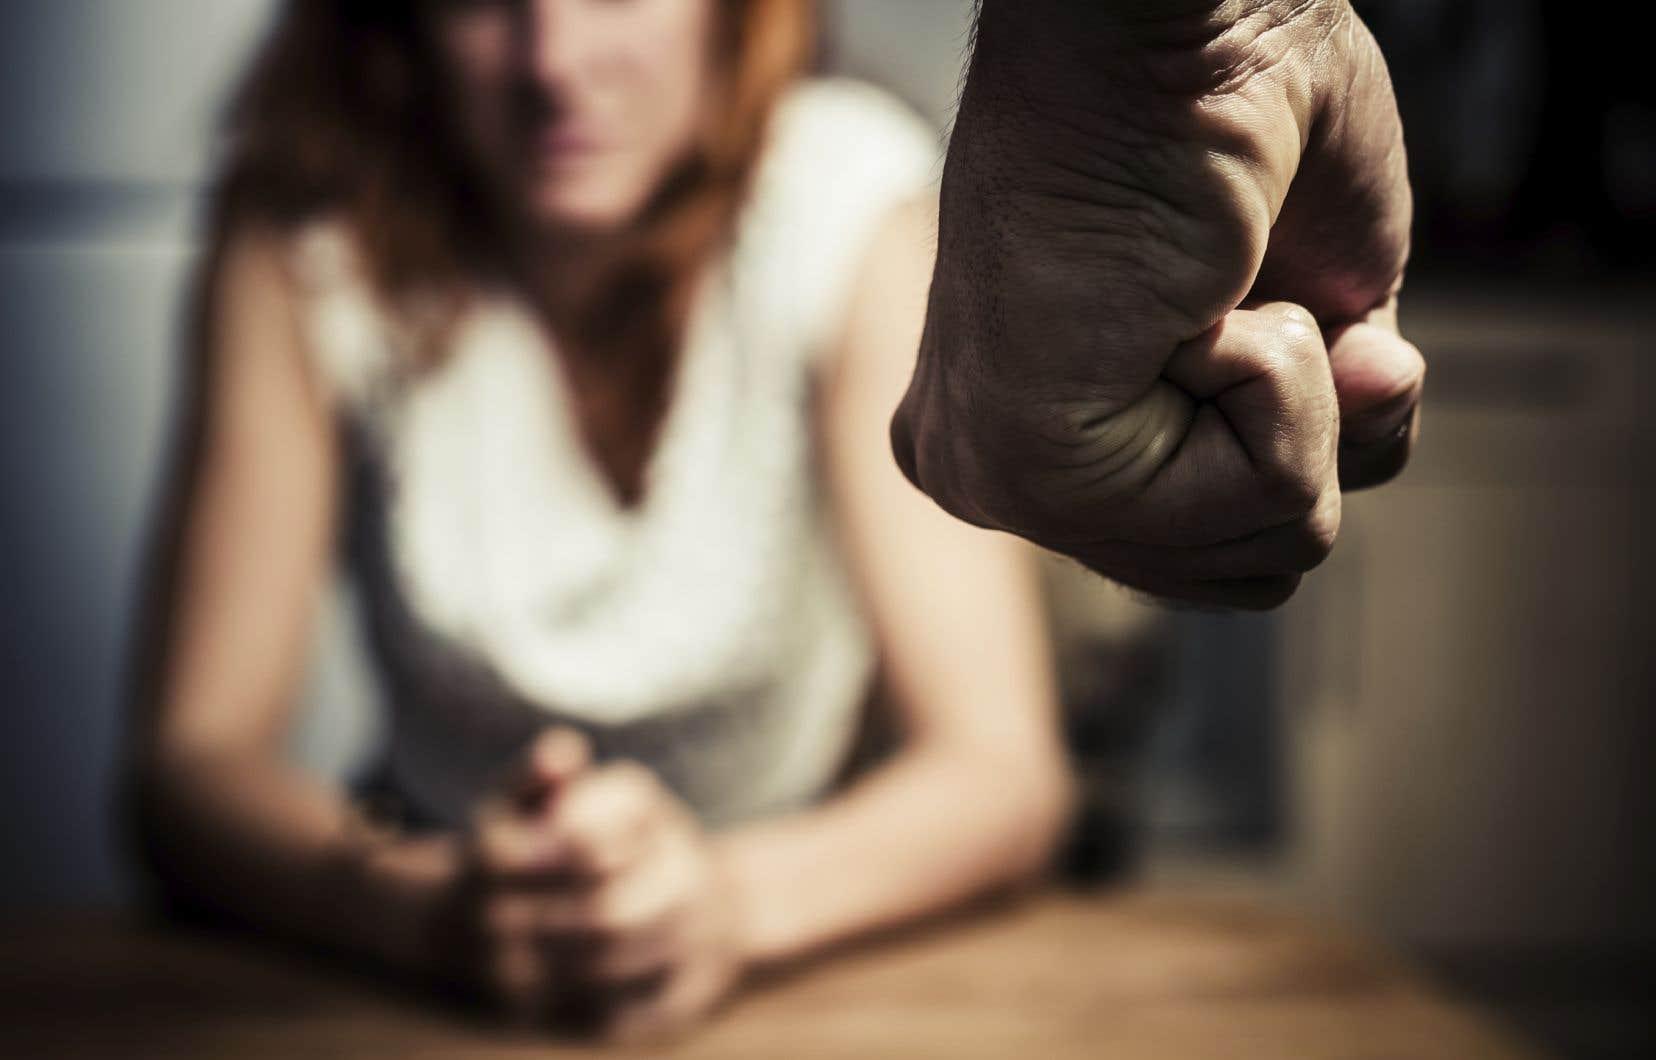 Une perte d'emploi, le stress lié à la pandémie et l'isolement requis sont des facteurs qui peuvent contribuer à ce qu'un comportement violent éclate.